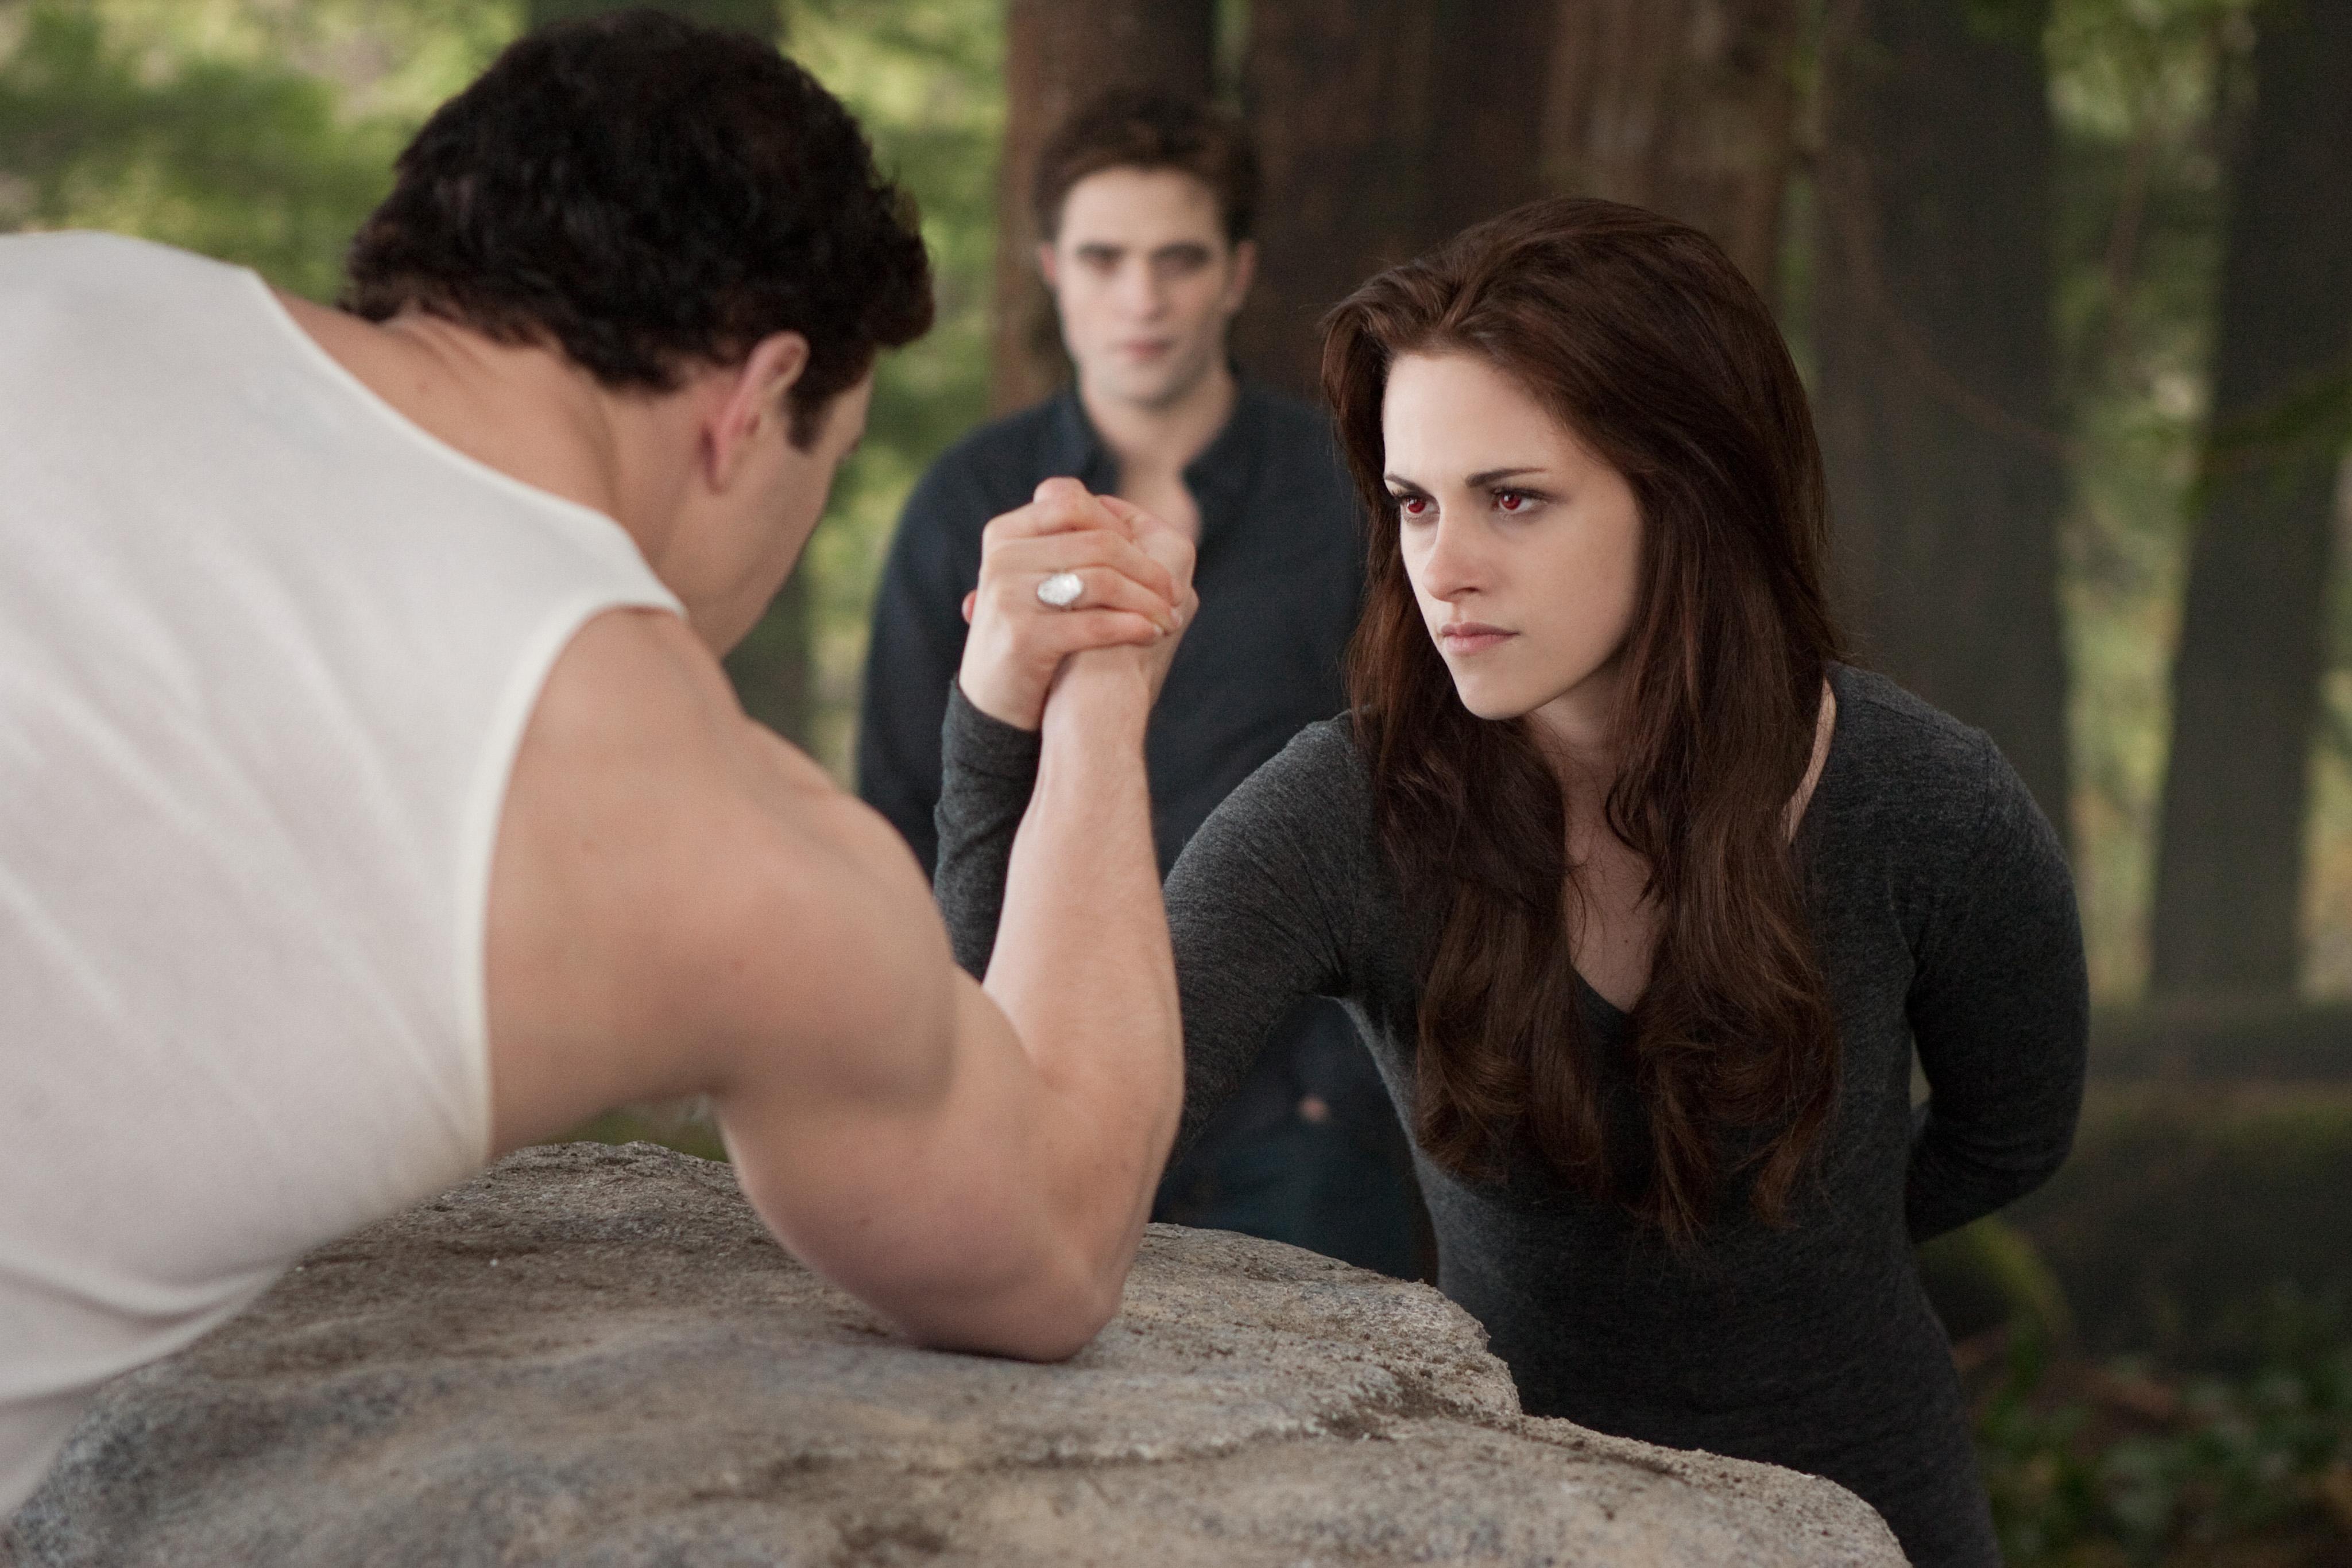 971975954_The_Twilight_Saga_Breaking_Dawn_PartII_13_122_456lo.JPG